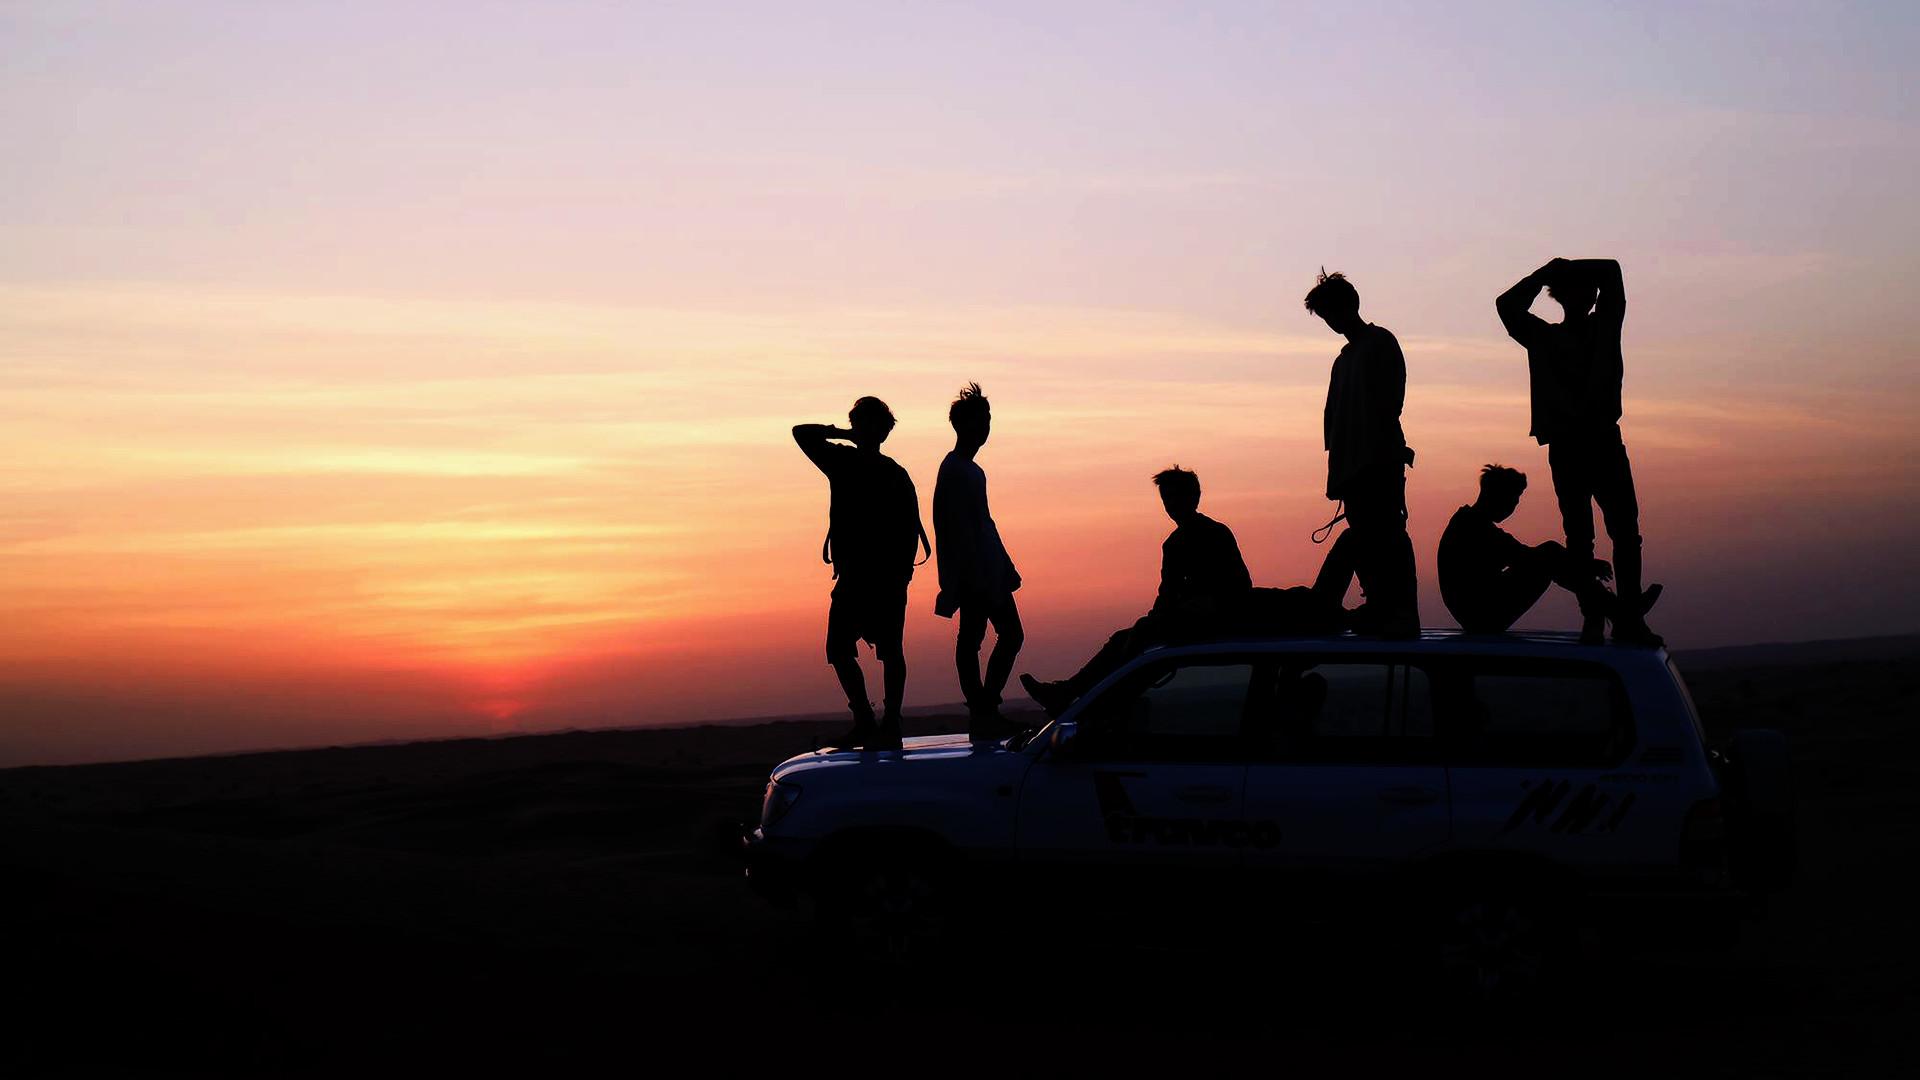 Wallpaper BTS đứng dưới ánh hoàng hôn trên một chiếc xe